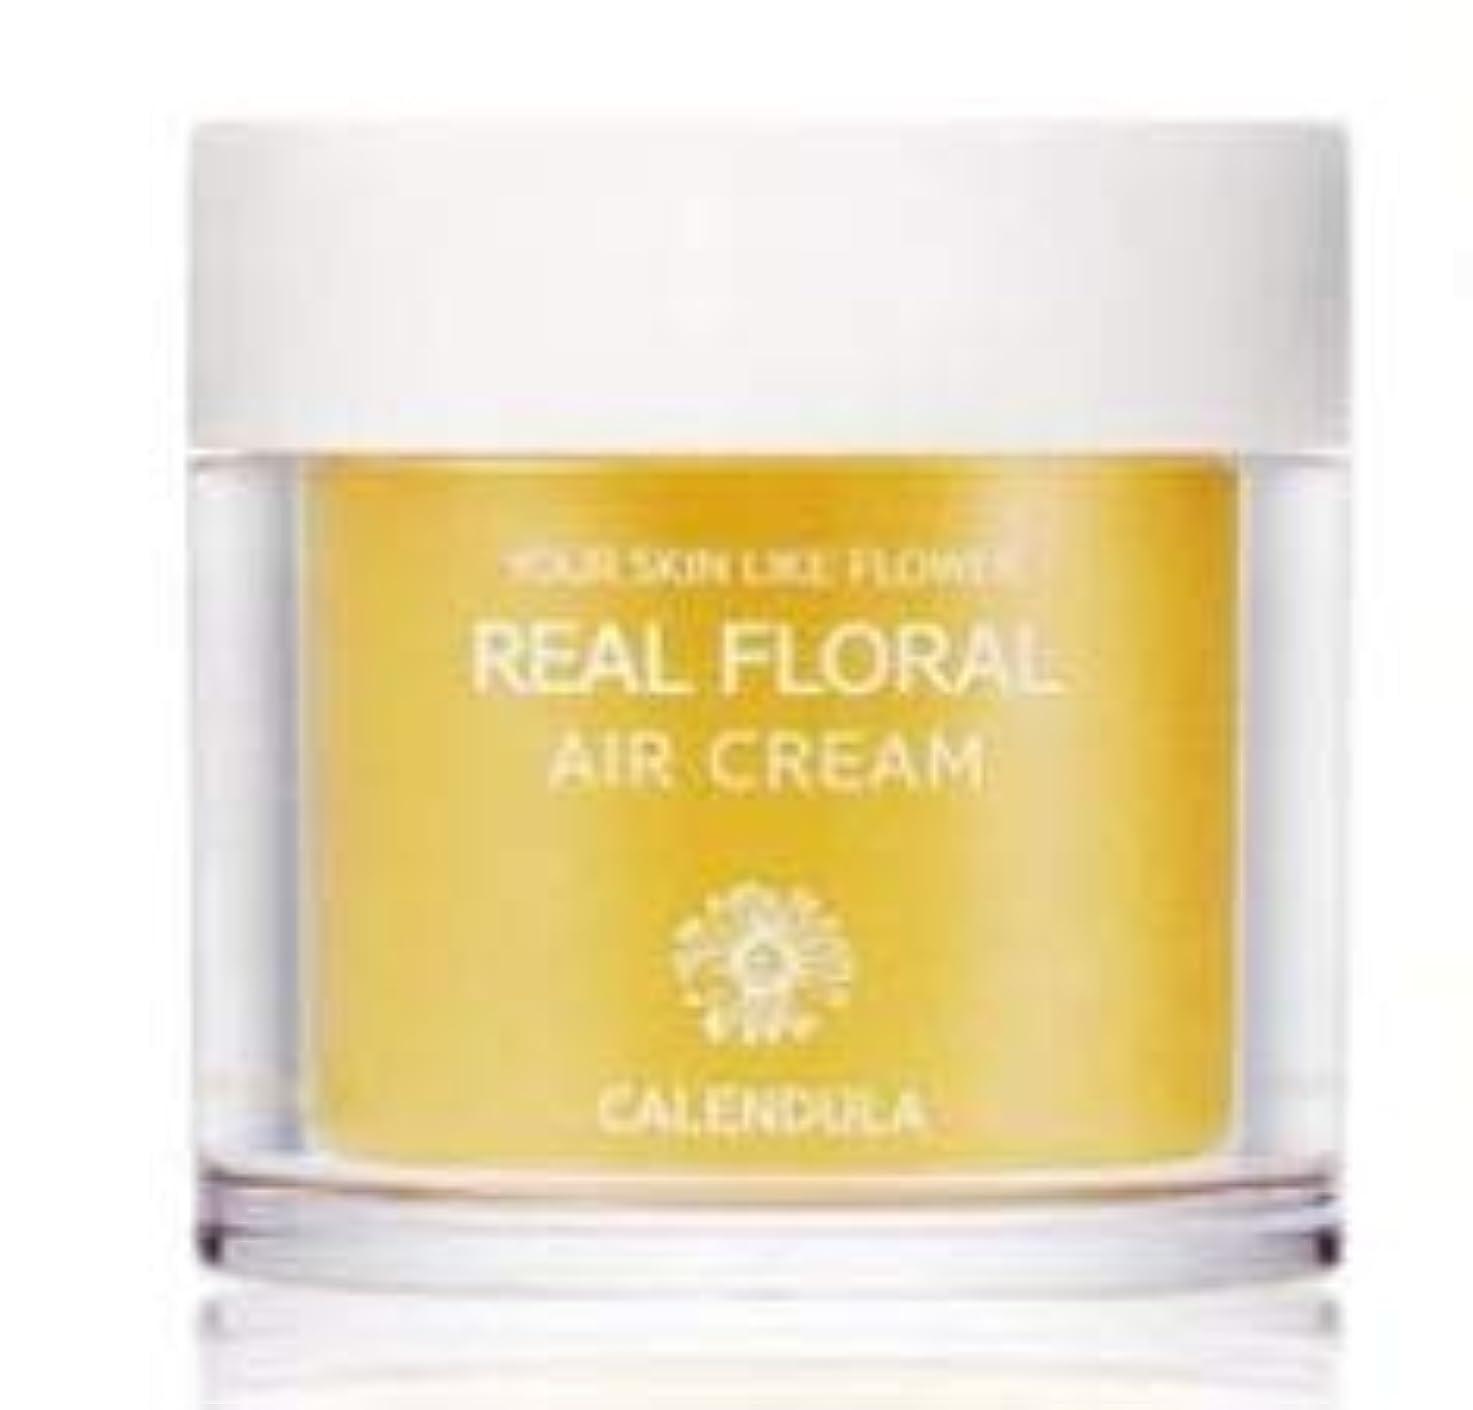 高速道路トラフィックアナリストNATURAL PACIFIC Real Floral Air Cream 100ml (Calendula) /ナチュラルパシフィック リアル カレンデュラ エア クリーム 100ml [並行輸入品]